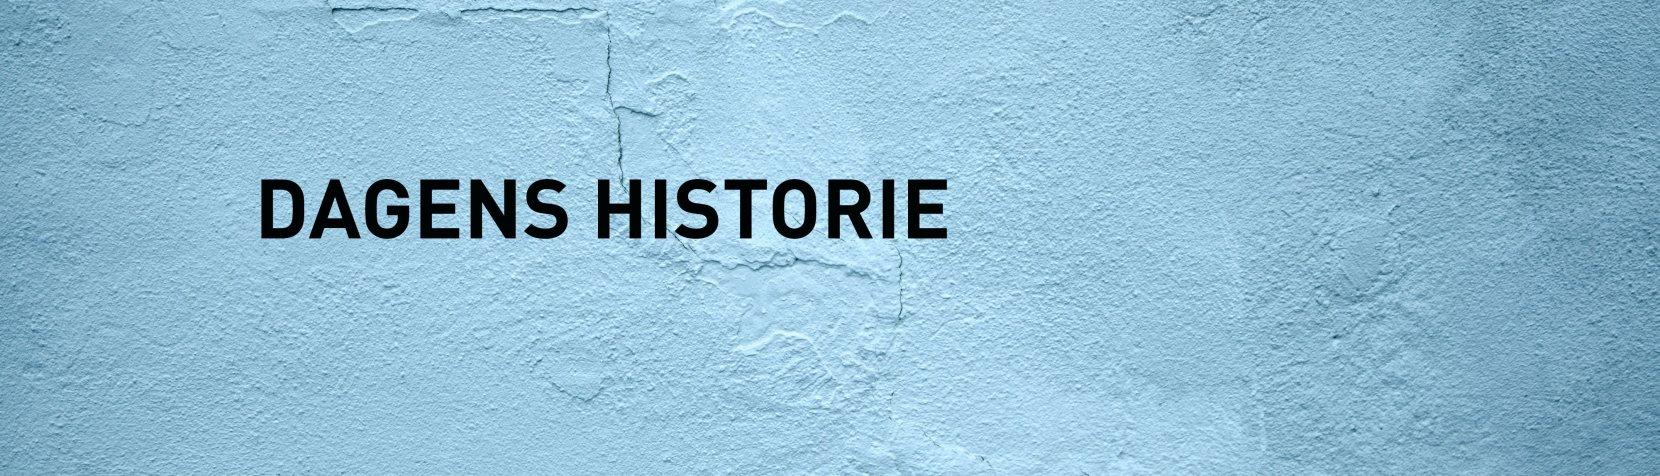 Dagens Historie - billede til alle nyheder